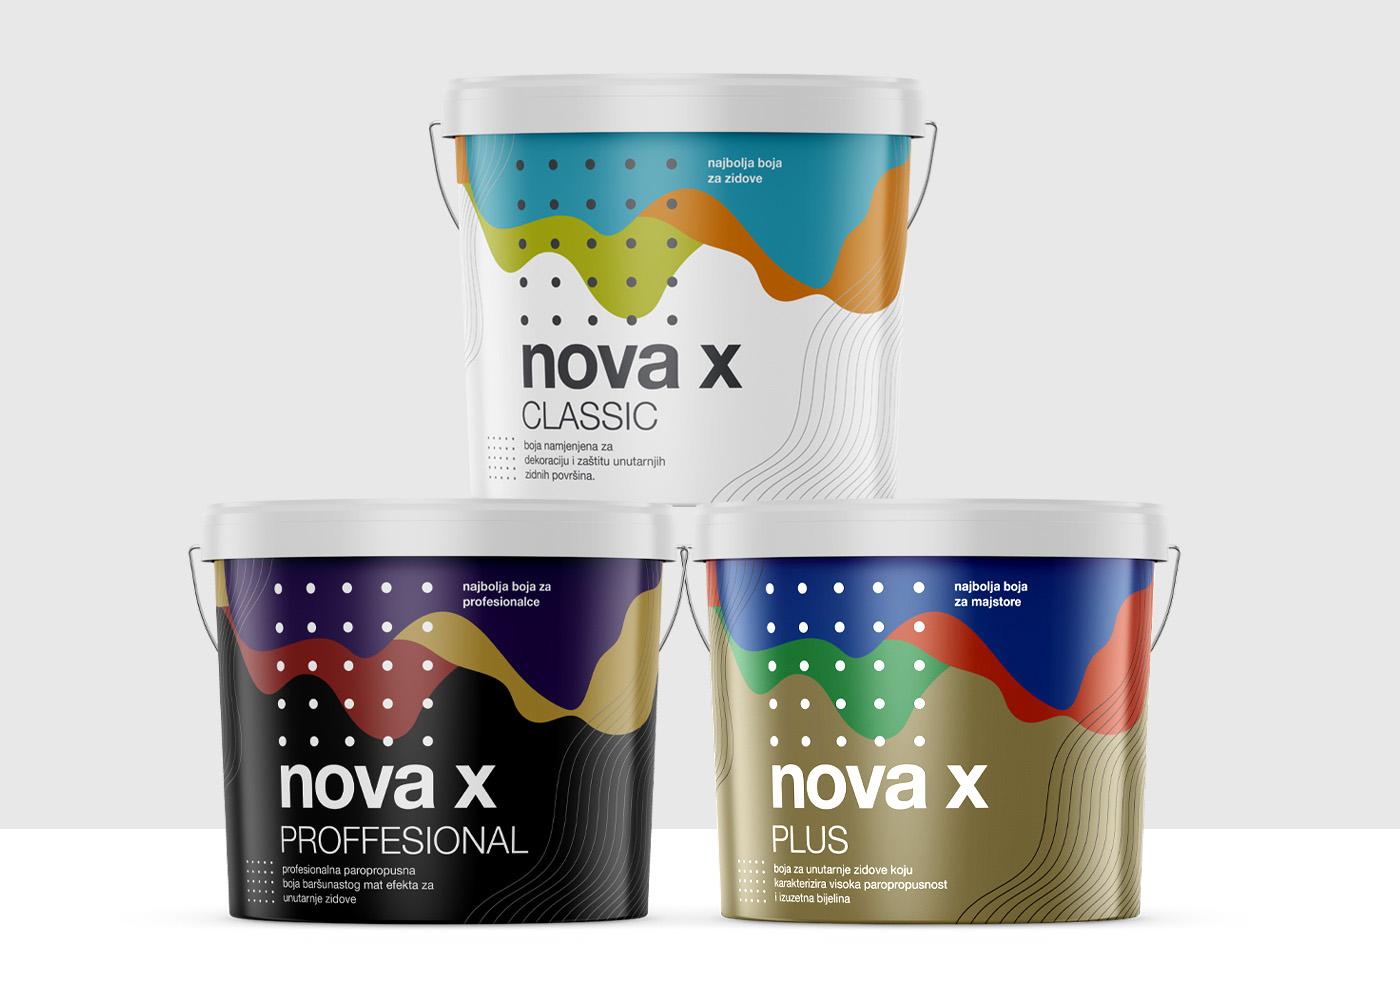 Vizualni identitet kolekcije proizvoda Nova X